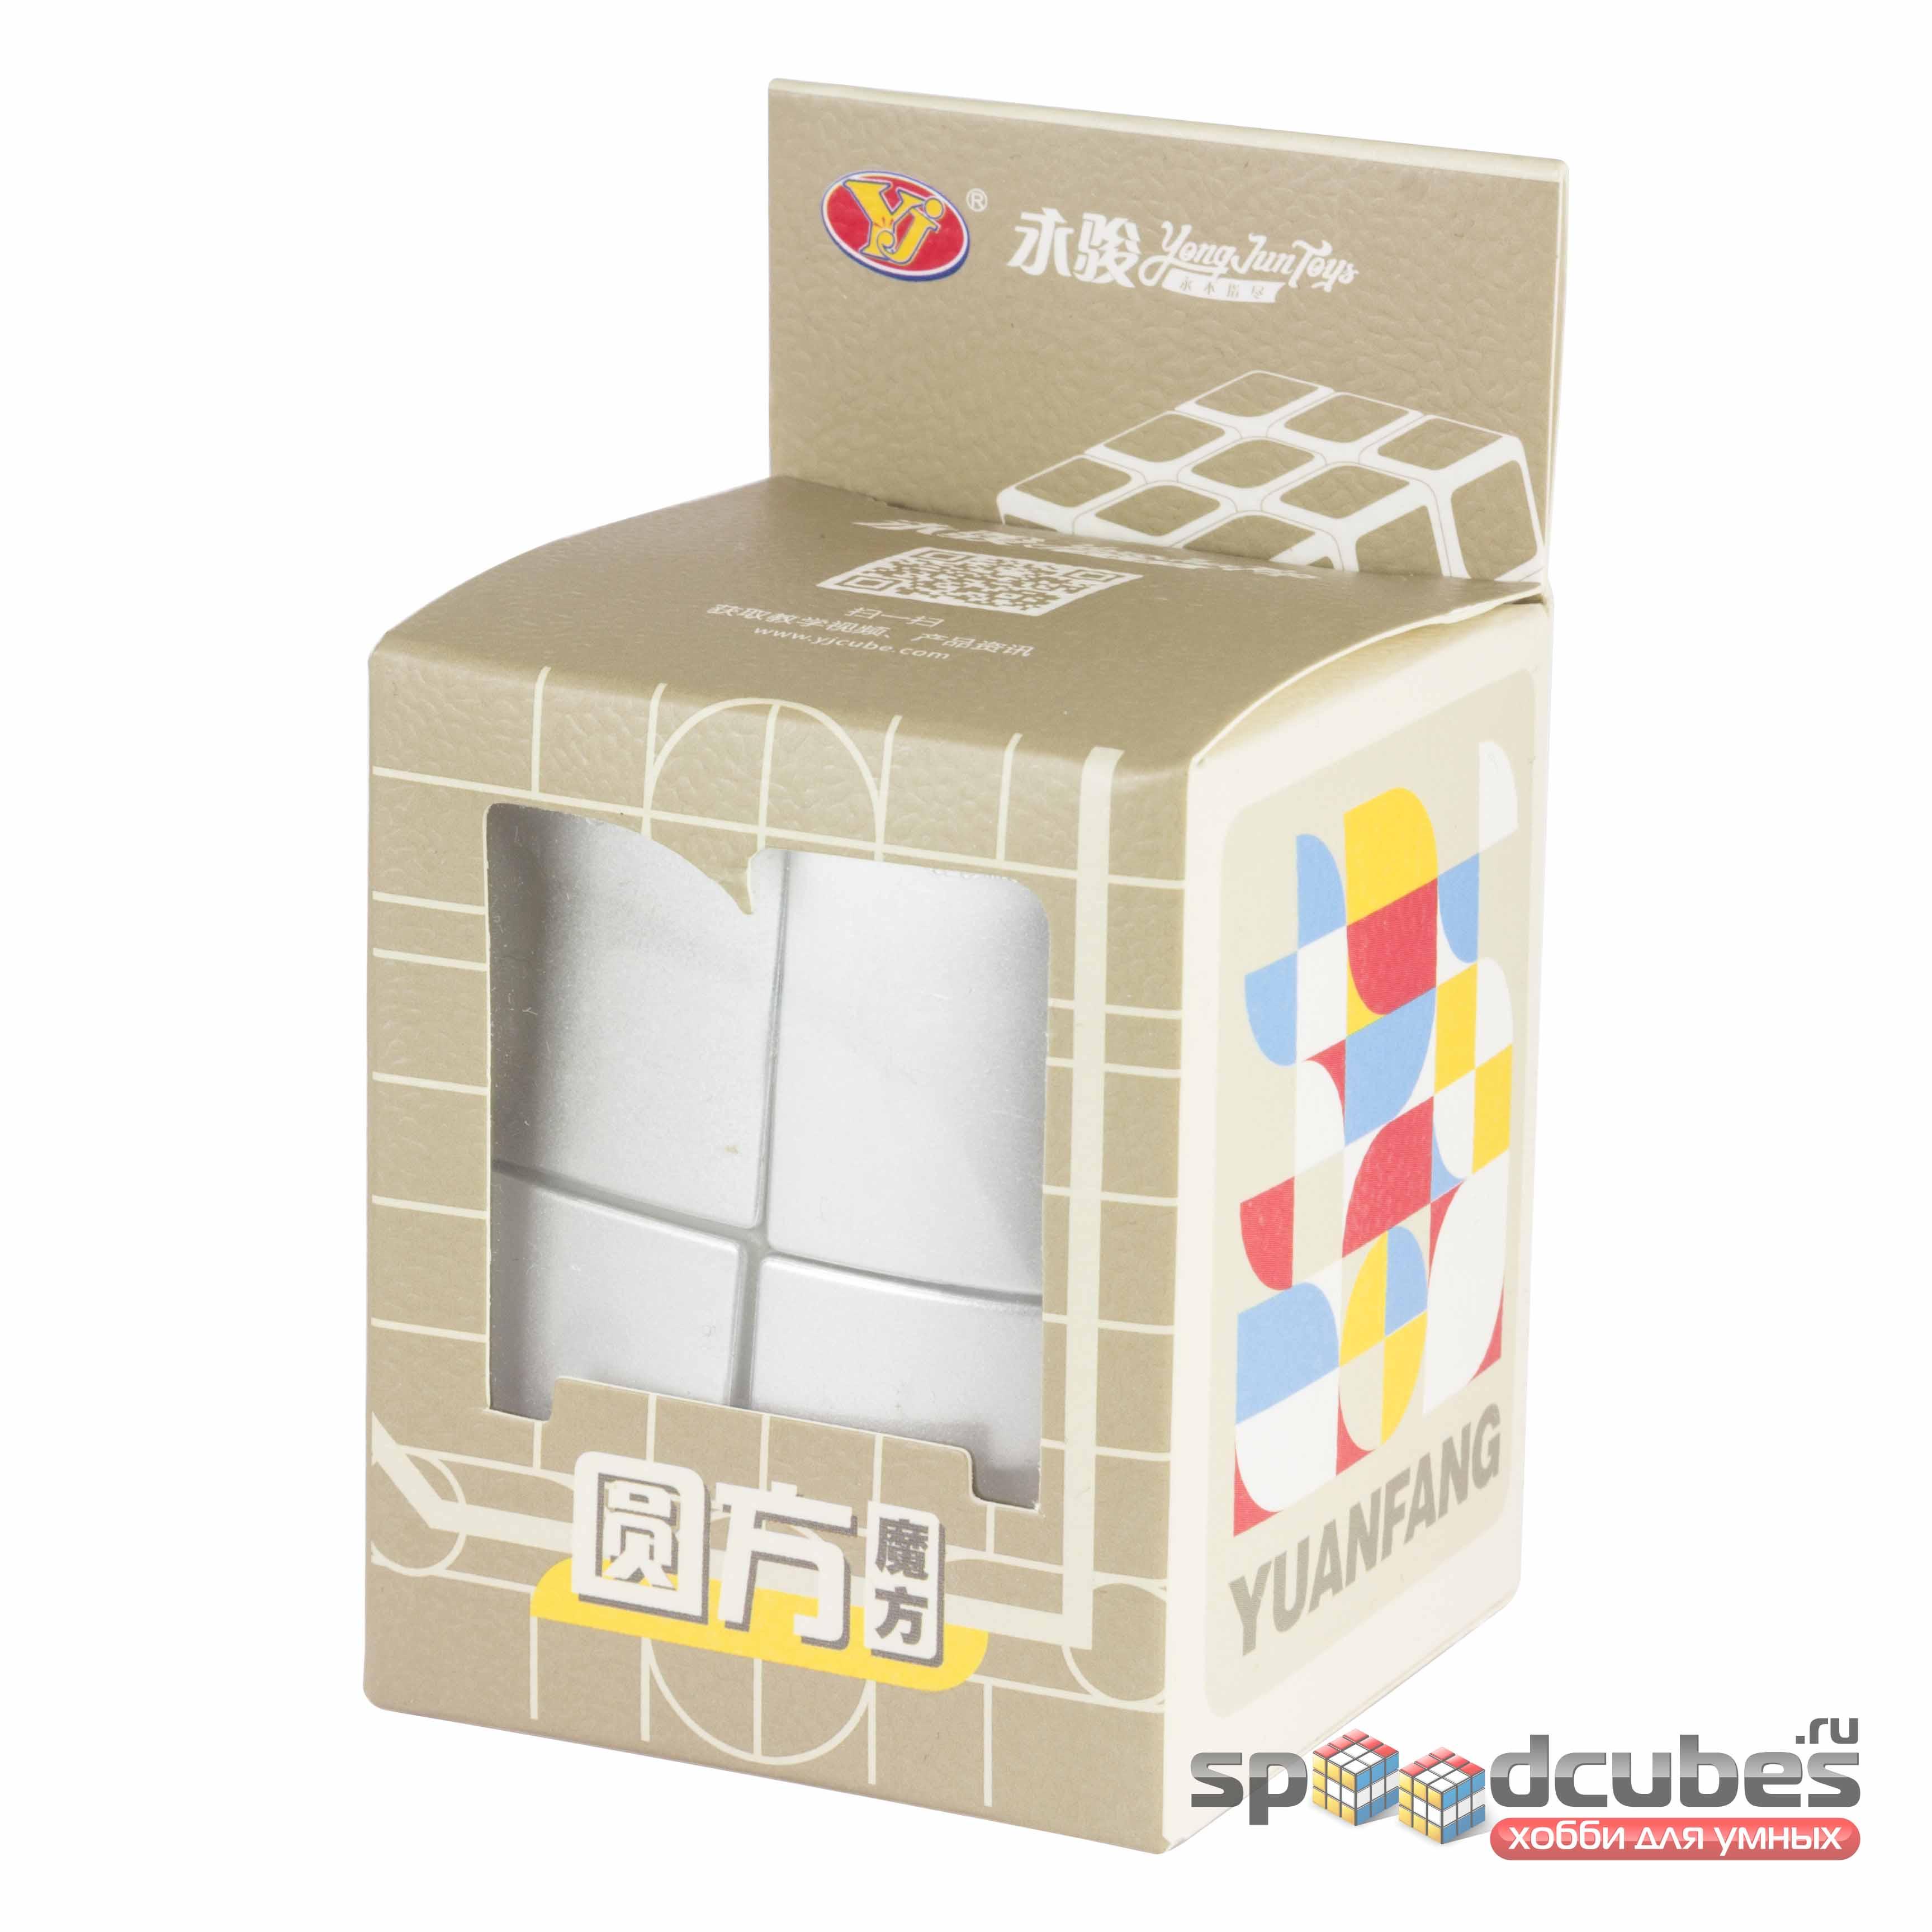 YJ 2x2x2 Yuangang Cube 1